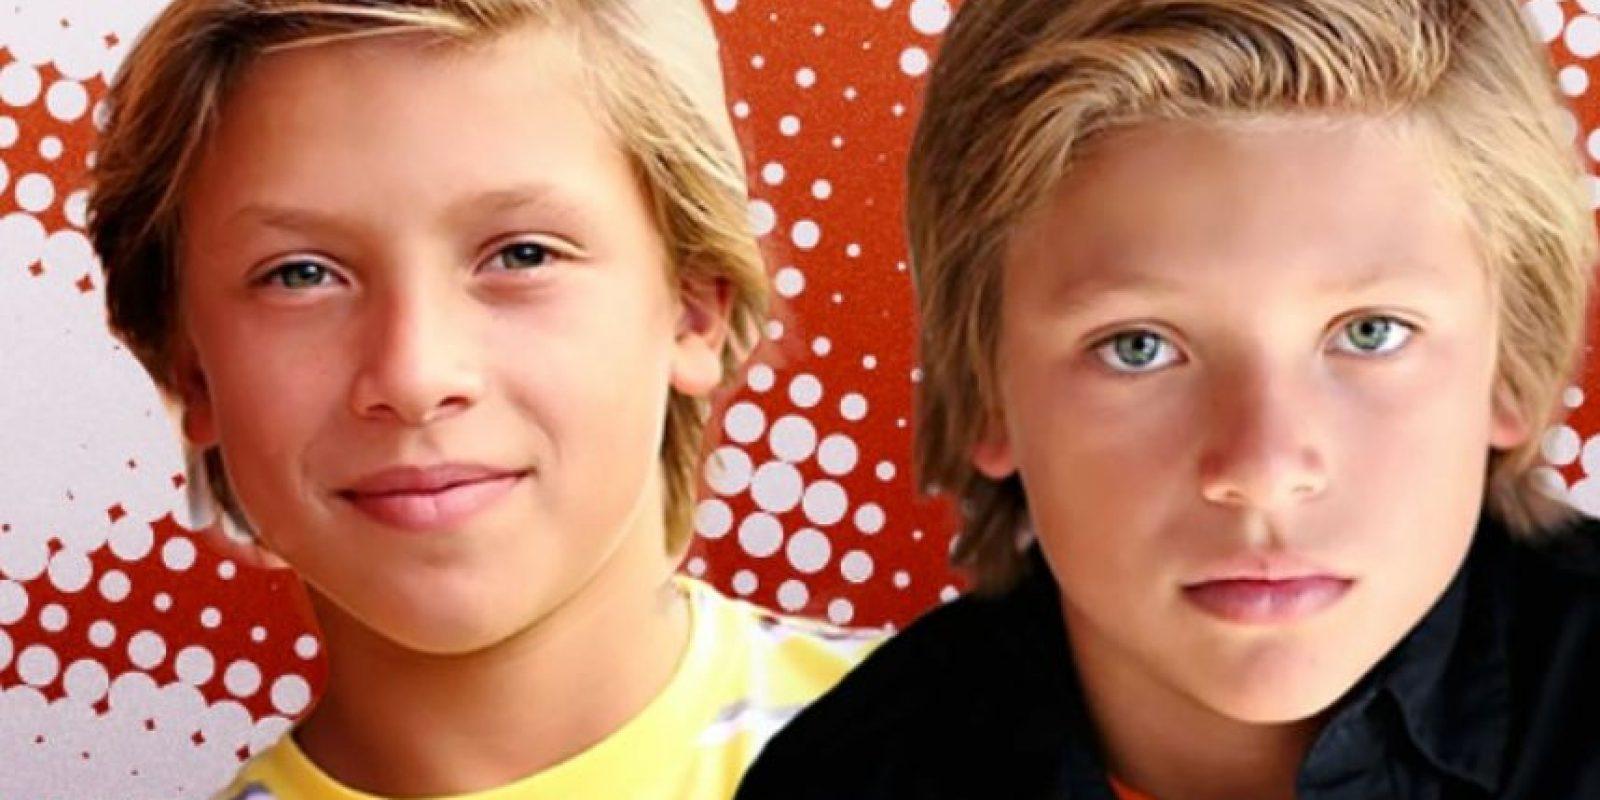 Y viven en la ciudad de Temecula, en California. Foto:http://simmons-boys.com